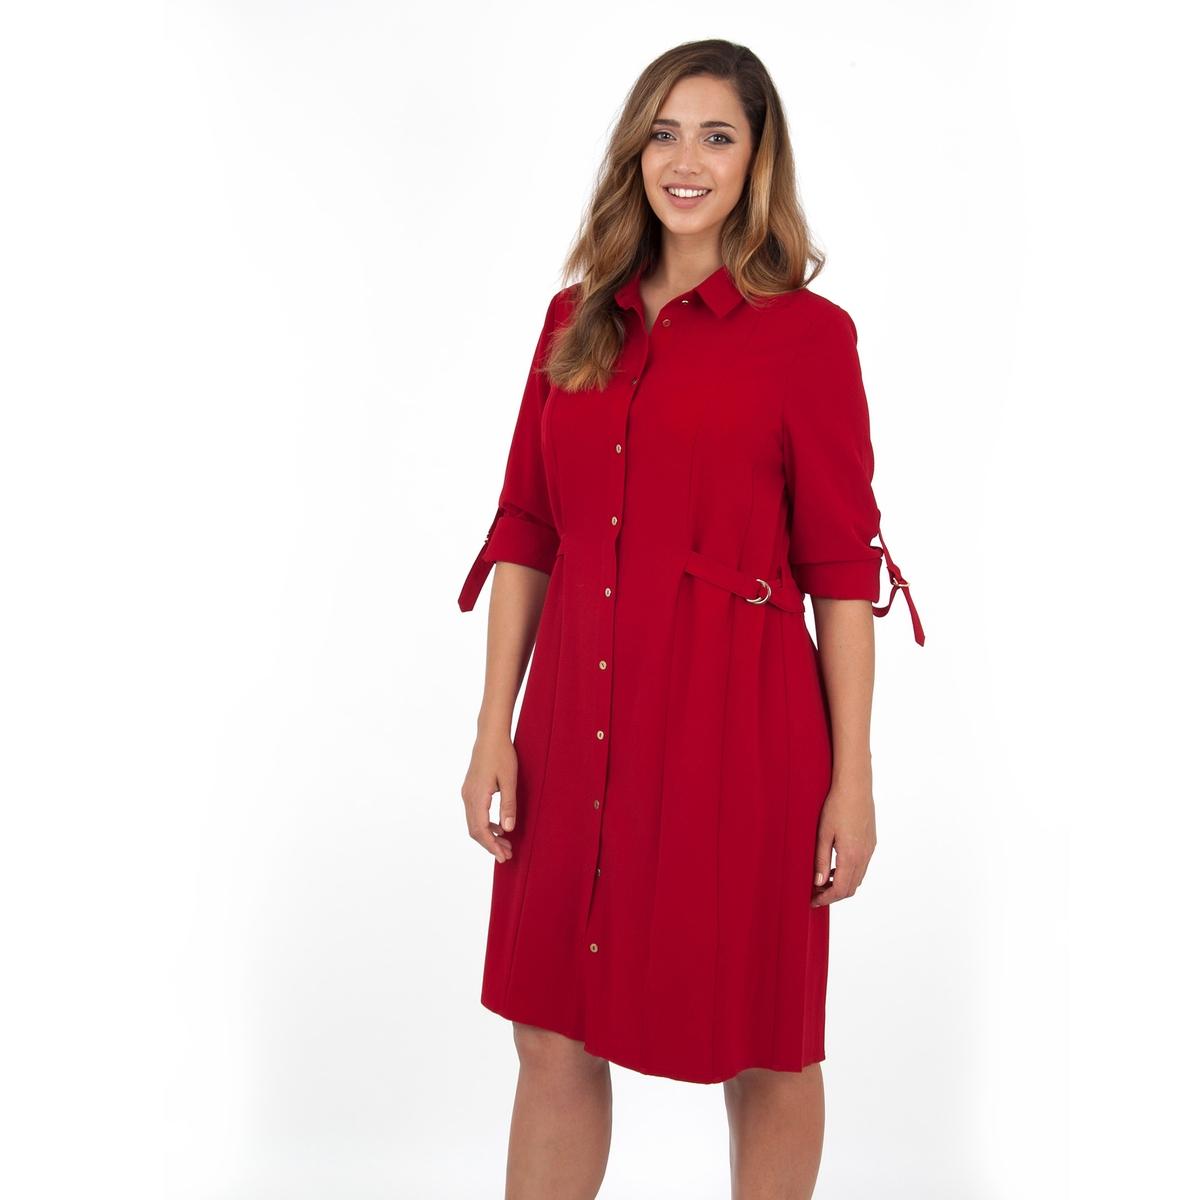 ПлатьеПлатье - LOVEDROBE. Платье притягательного красного цвета с рубашечным воротником и ремнем на поясе. Длина ок.104 см. 100% полиэстера. Застежка на золотистую пуговицу спереди.<br><br>Цвет: бордовый<br>Размер: 58/60 (FR) - 64/66 (RUS)